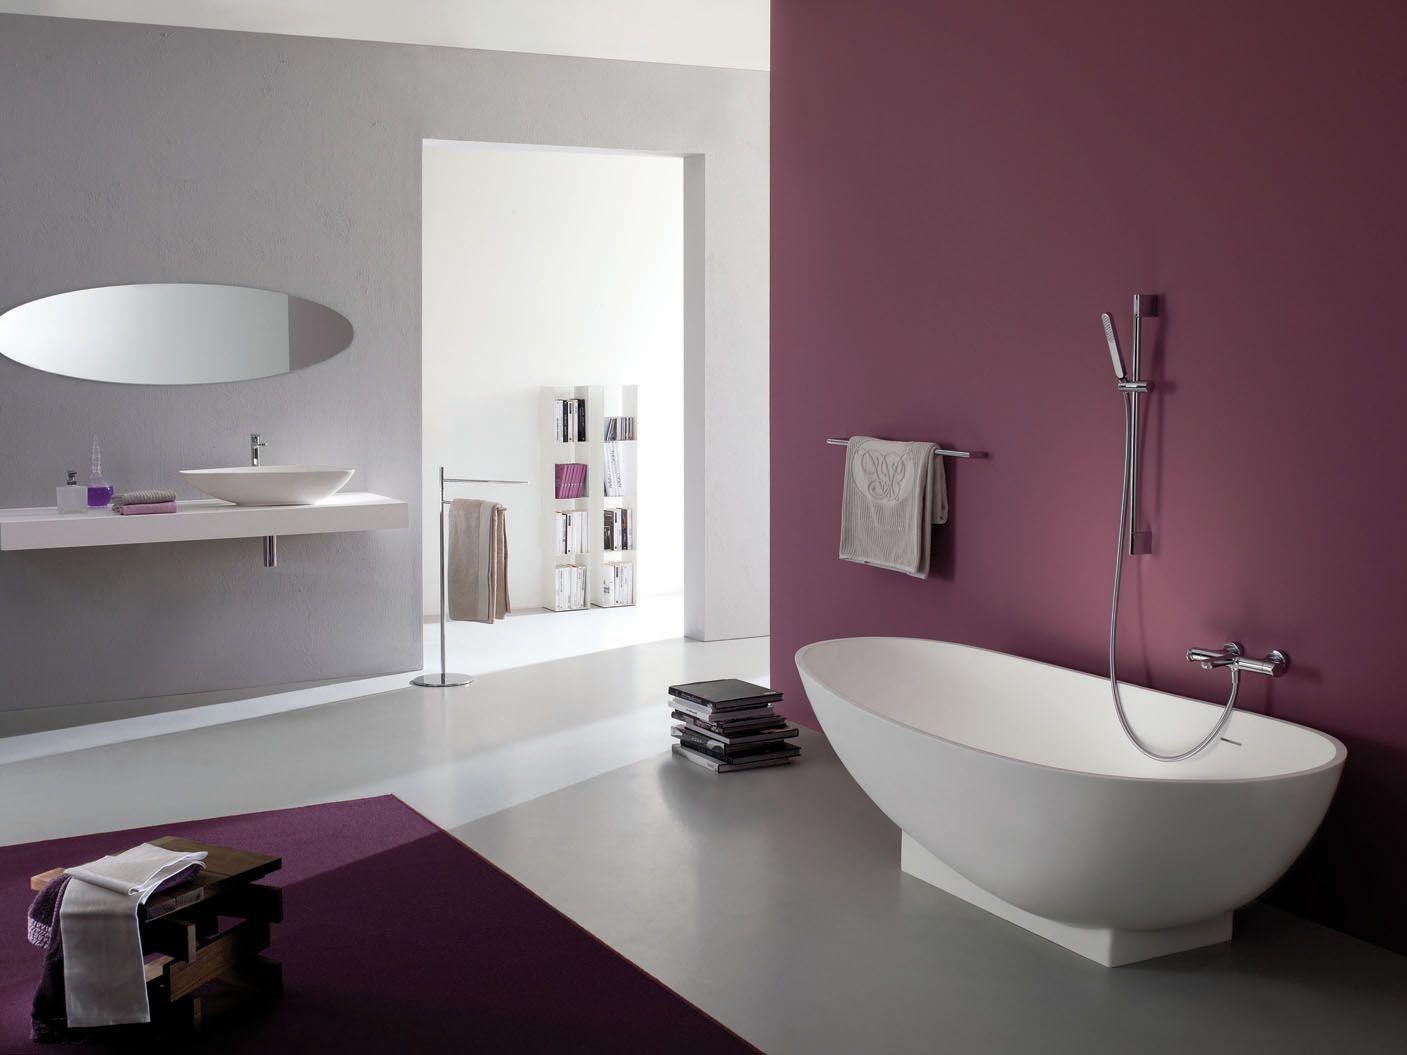 Lineaviva la linea bagno dallo stile elegante e raffinato - Puzza dallo scarico bagno ...